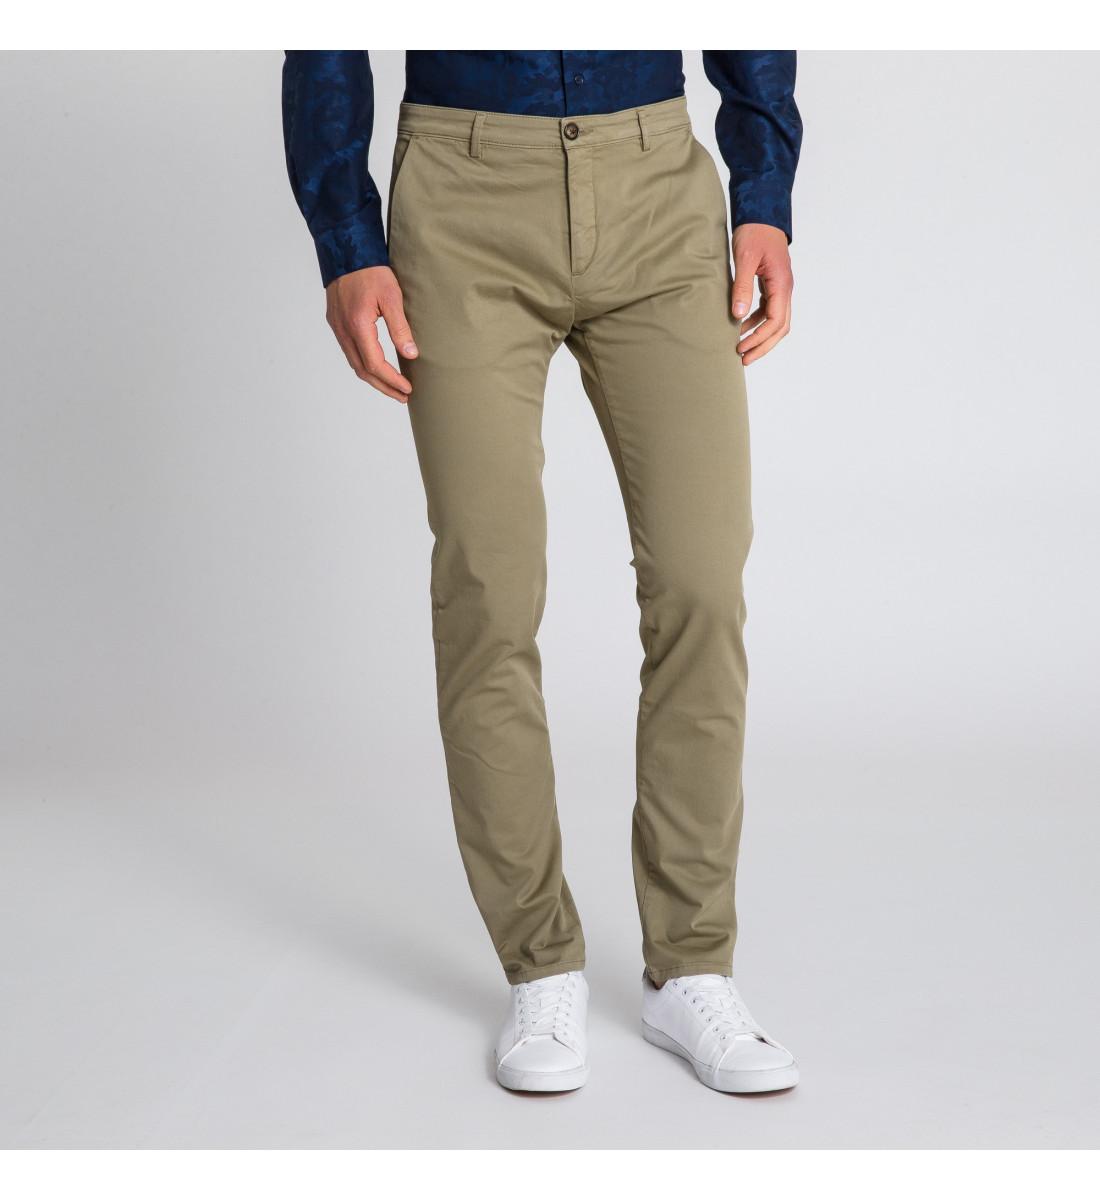 Pantalon CHINO homme Kaki